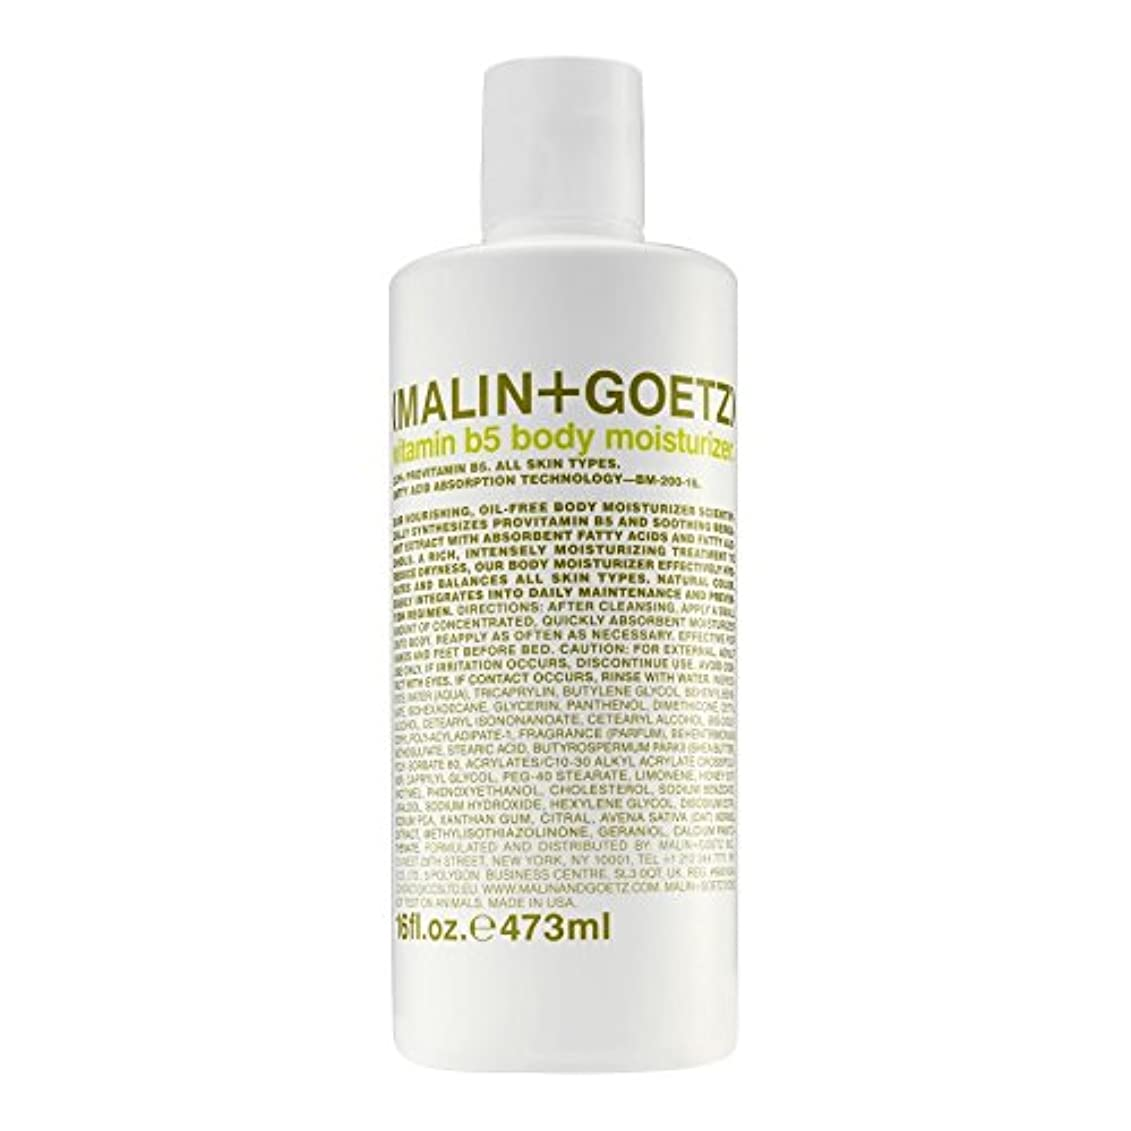 カストディアンリーフレットバングラデシュマリン+ゲッツビタミン5ボディモイスチャライザーの473ミリリットル x2 - MALIN+GOETZ Vitamin B5 Body Moisturiser 473ml (Pack of 2) [並行輸入品]